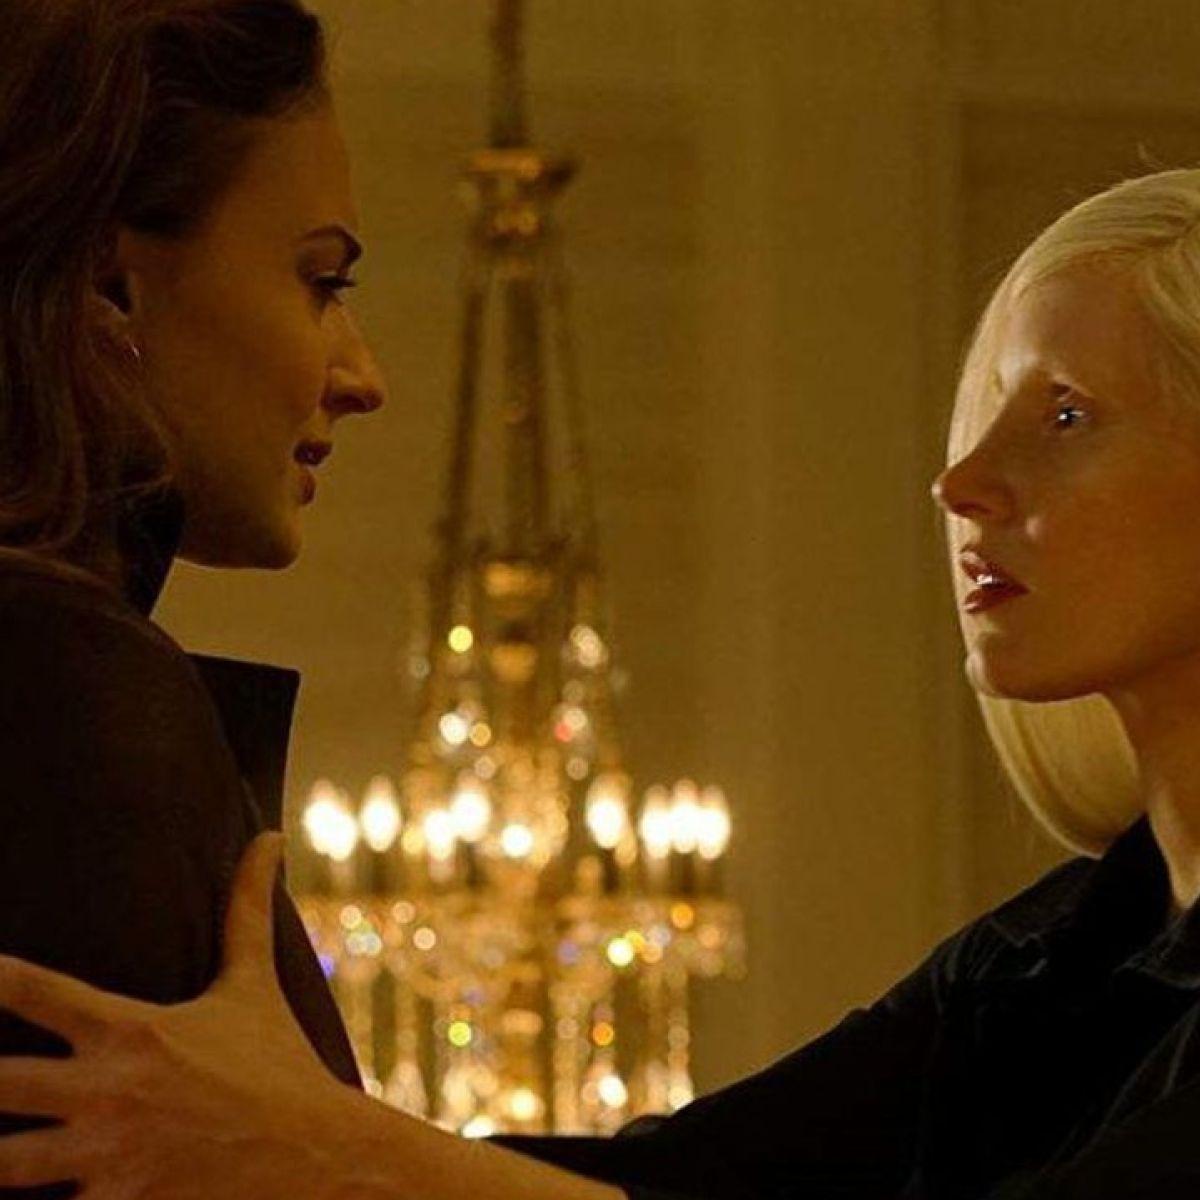 X-Men: Dark Phoenix: The plot feels like it was scribbled on